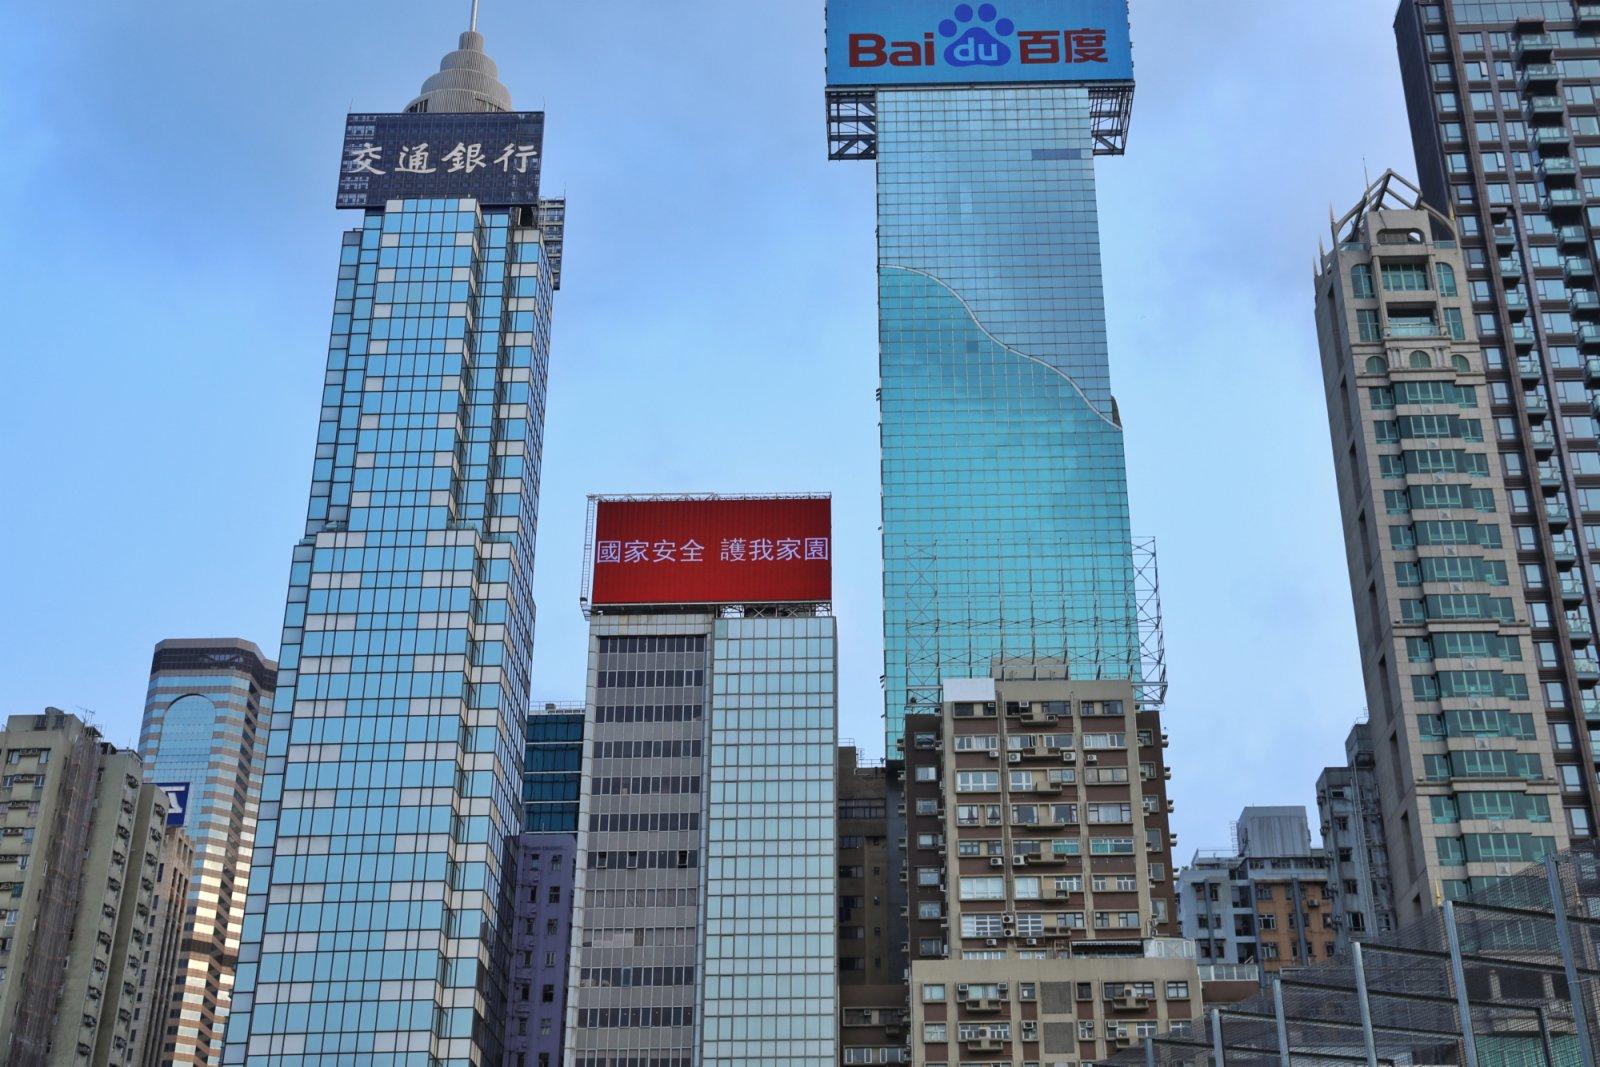 今年4月15日是中國第六個「全民國家安全教育日」,亦是香港國安法在香港實施後的第一個「全民國家安全教育日」。4月2日,香港維多利亞港兩岸多座標誌性建築打出「國家安全 護我家園」、「完善選舉制度 落實愛國者治港」等巨幅標語。中新社